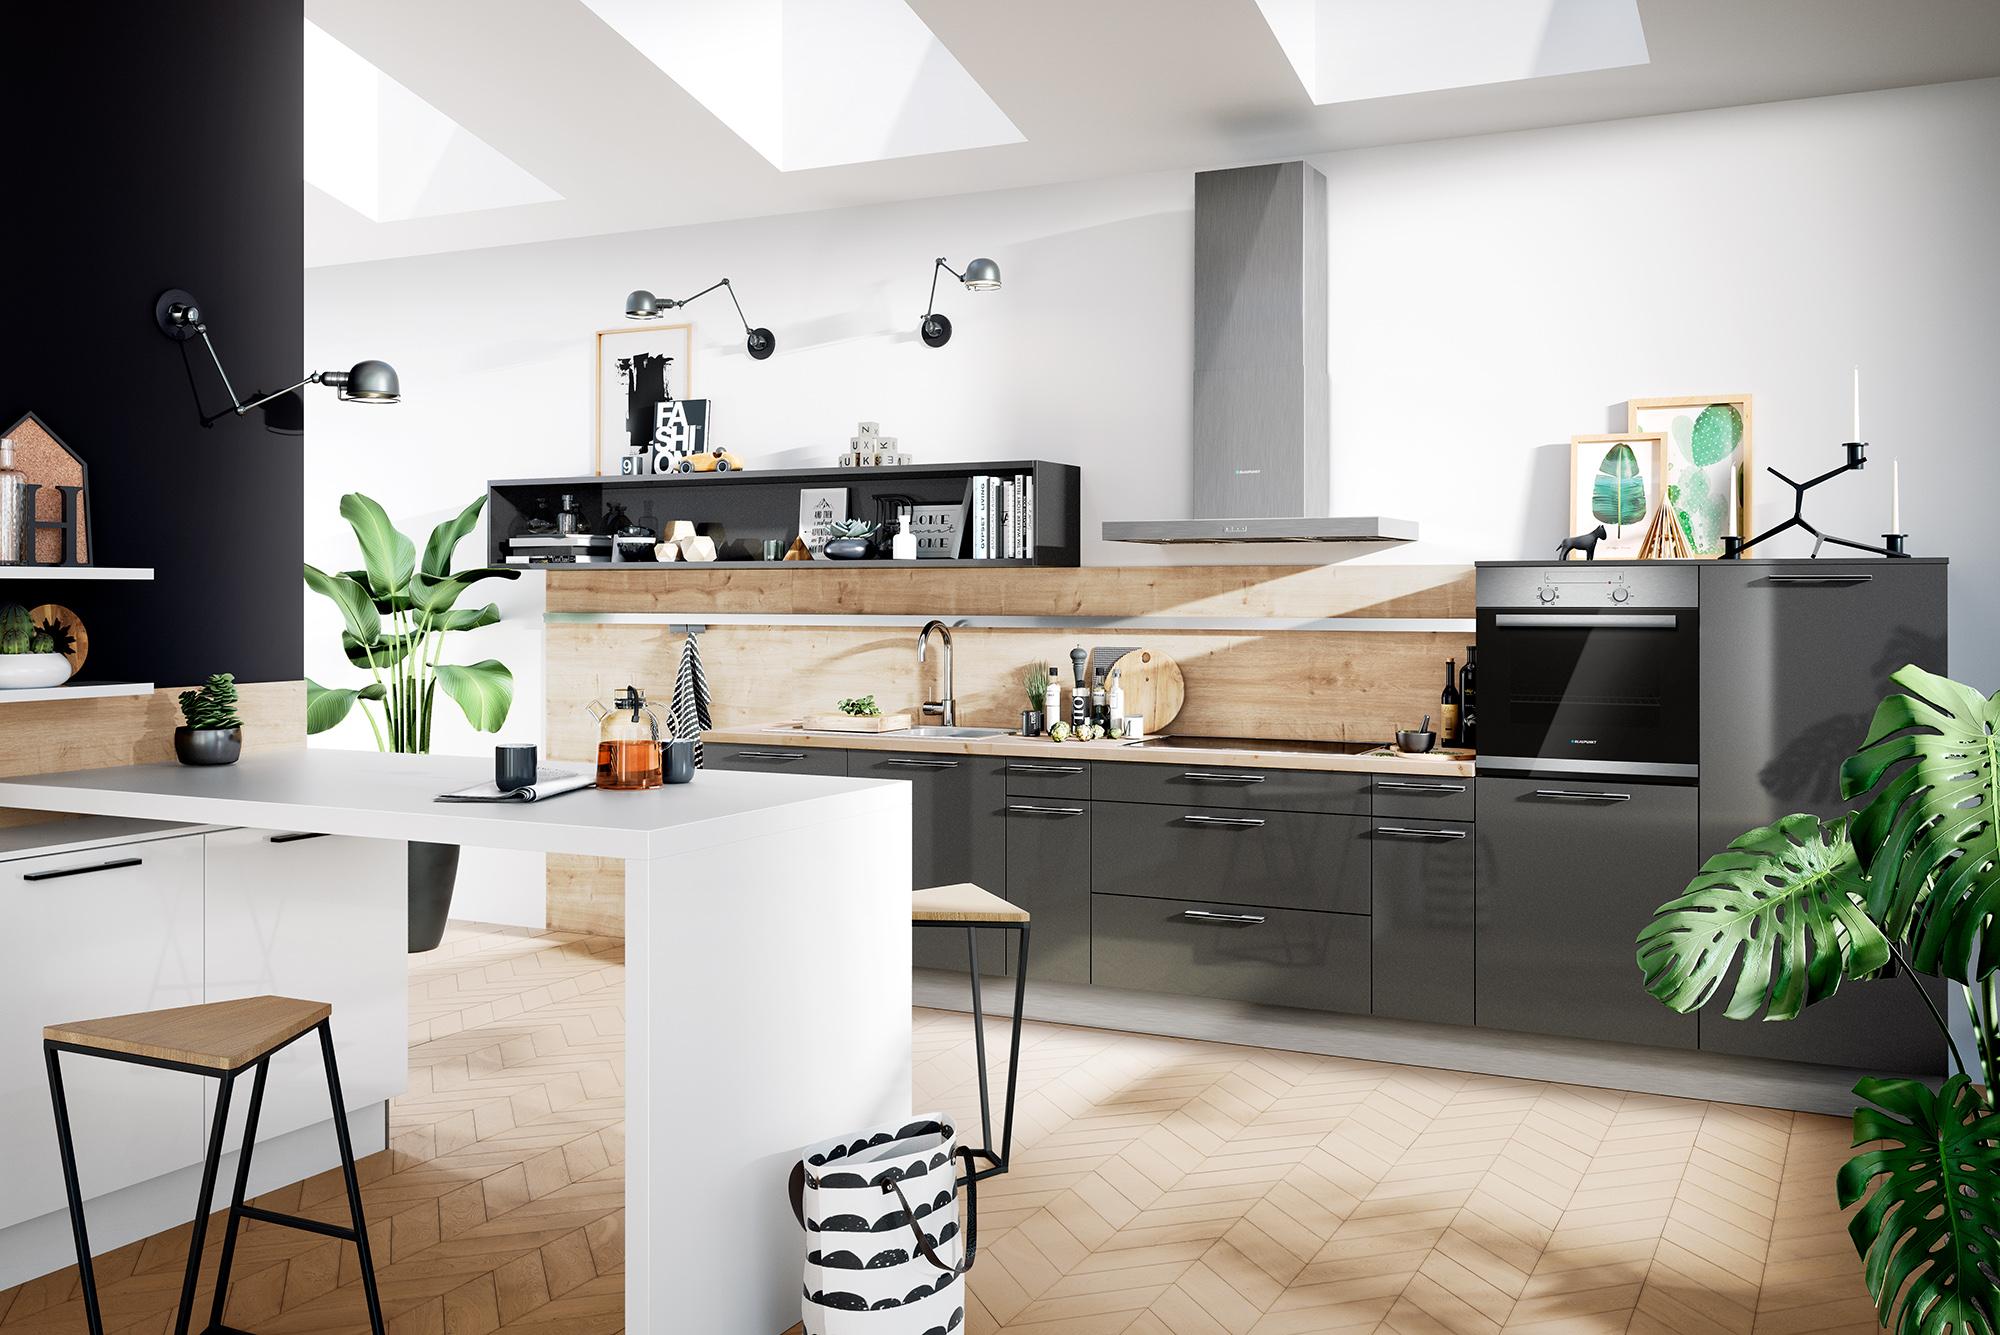 Full Size of Küche Finanzieren 0 Prozent Küche Finanzieren Trotz Negativer Schufa Hausbau Küche Finanzieren Küche Finanzieren Ohne Gehaltsnachweis Küche Küche Finanzieren